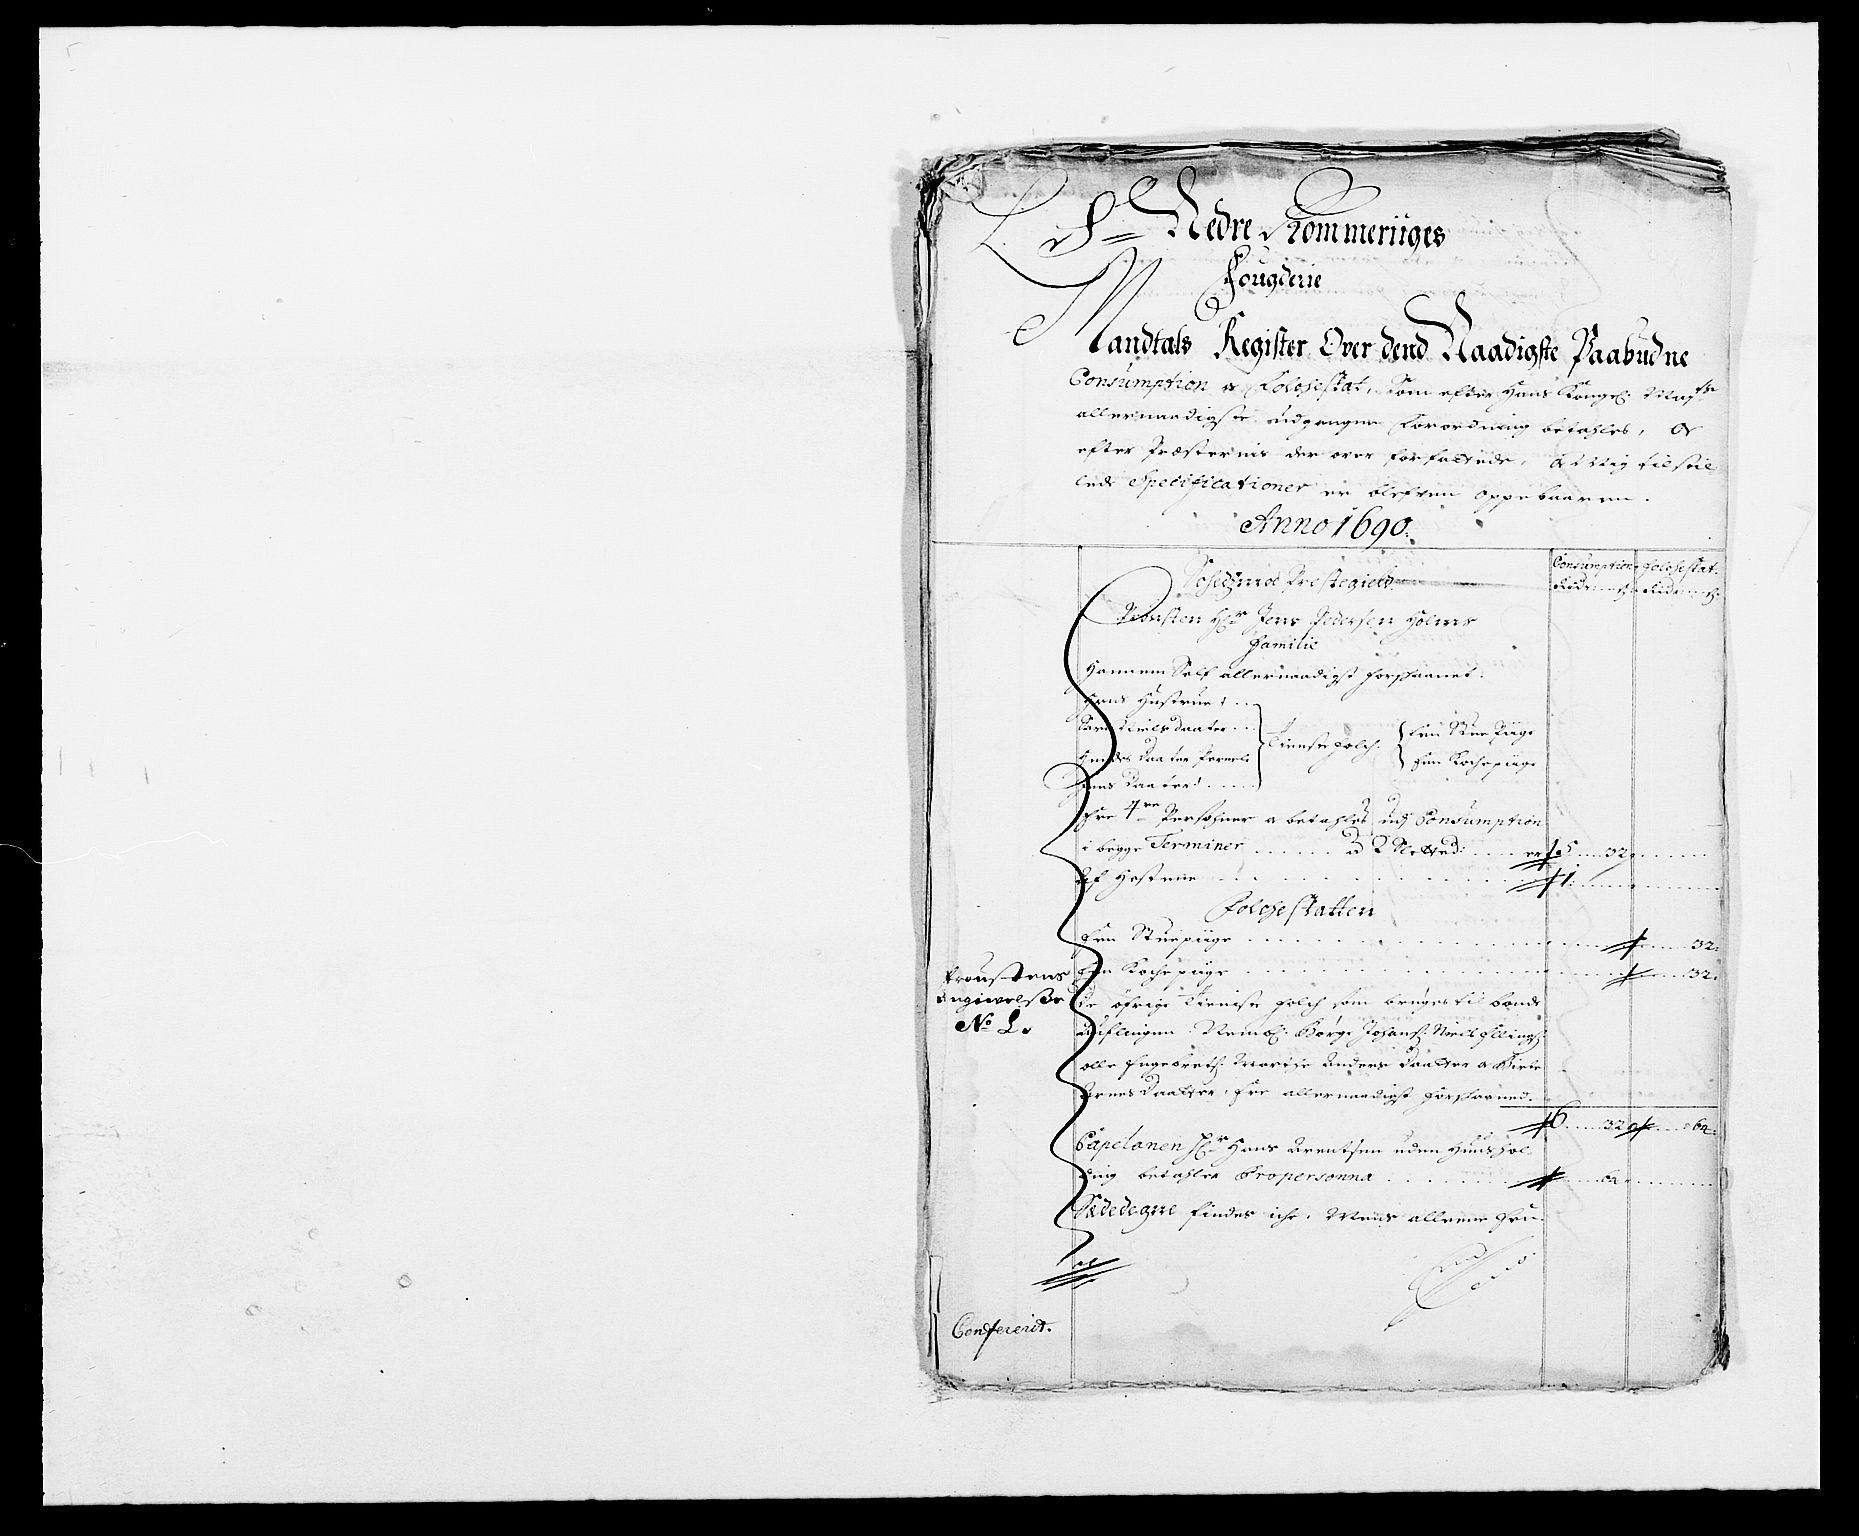 RA, Rentekammeret inntil 1814, Reviderte regnskaper, Fogderegnskap, R11/L0574: Fogderegnskap Nedre Romerike, 1689-1690, s. 388